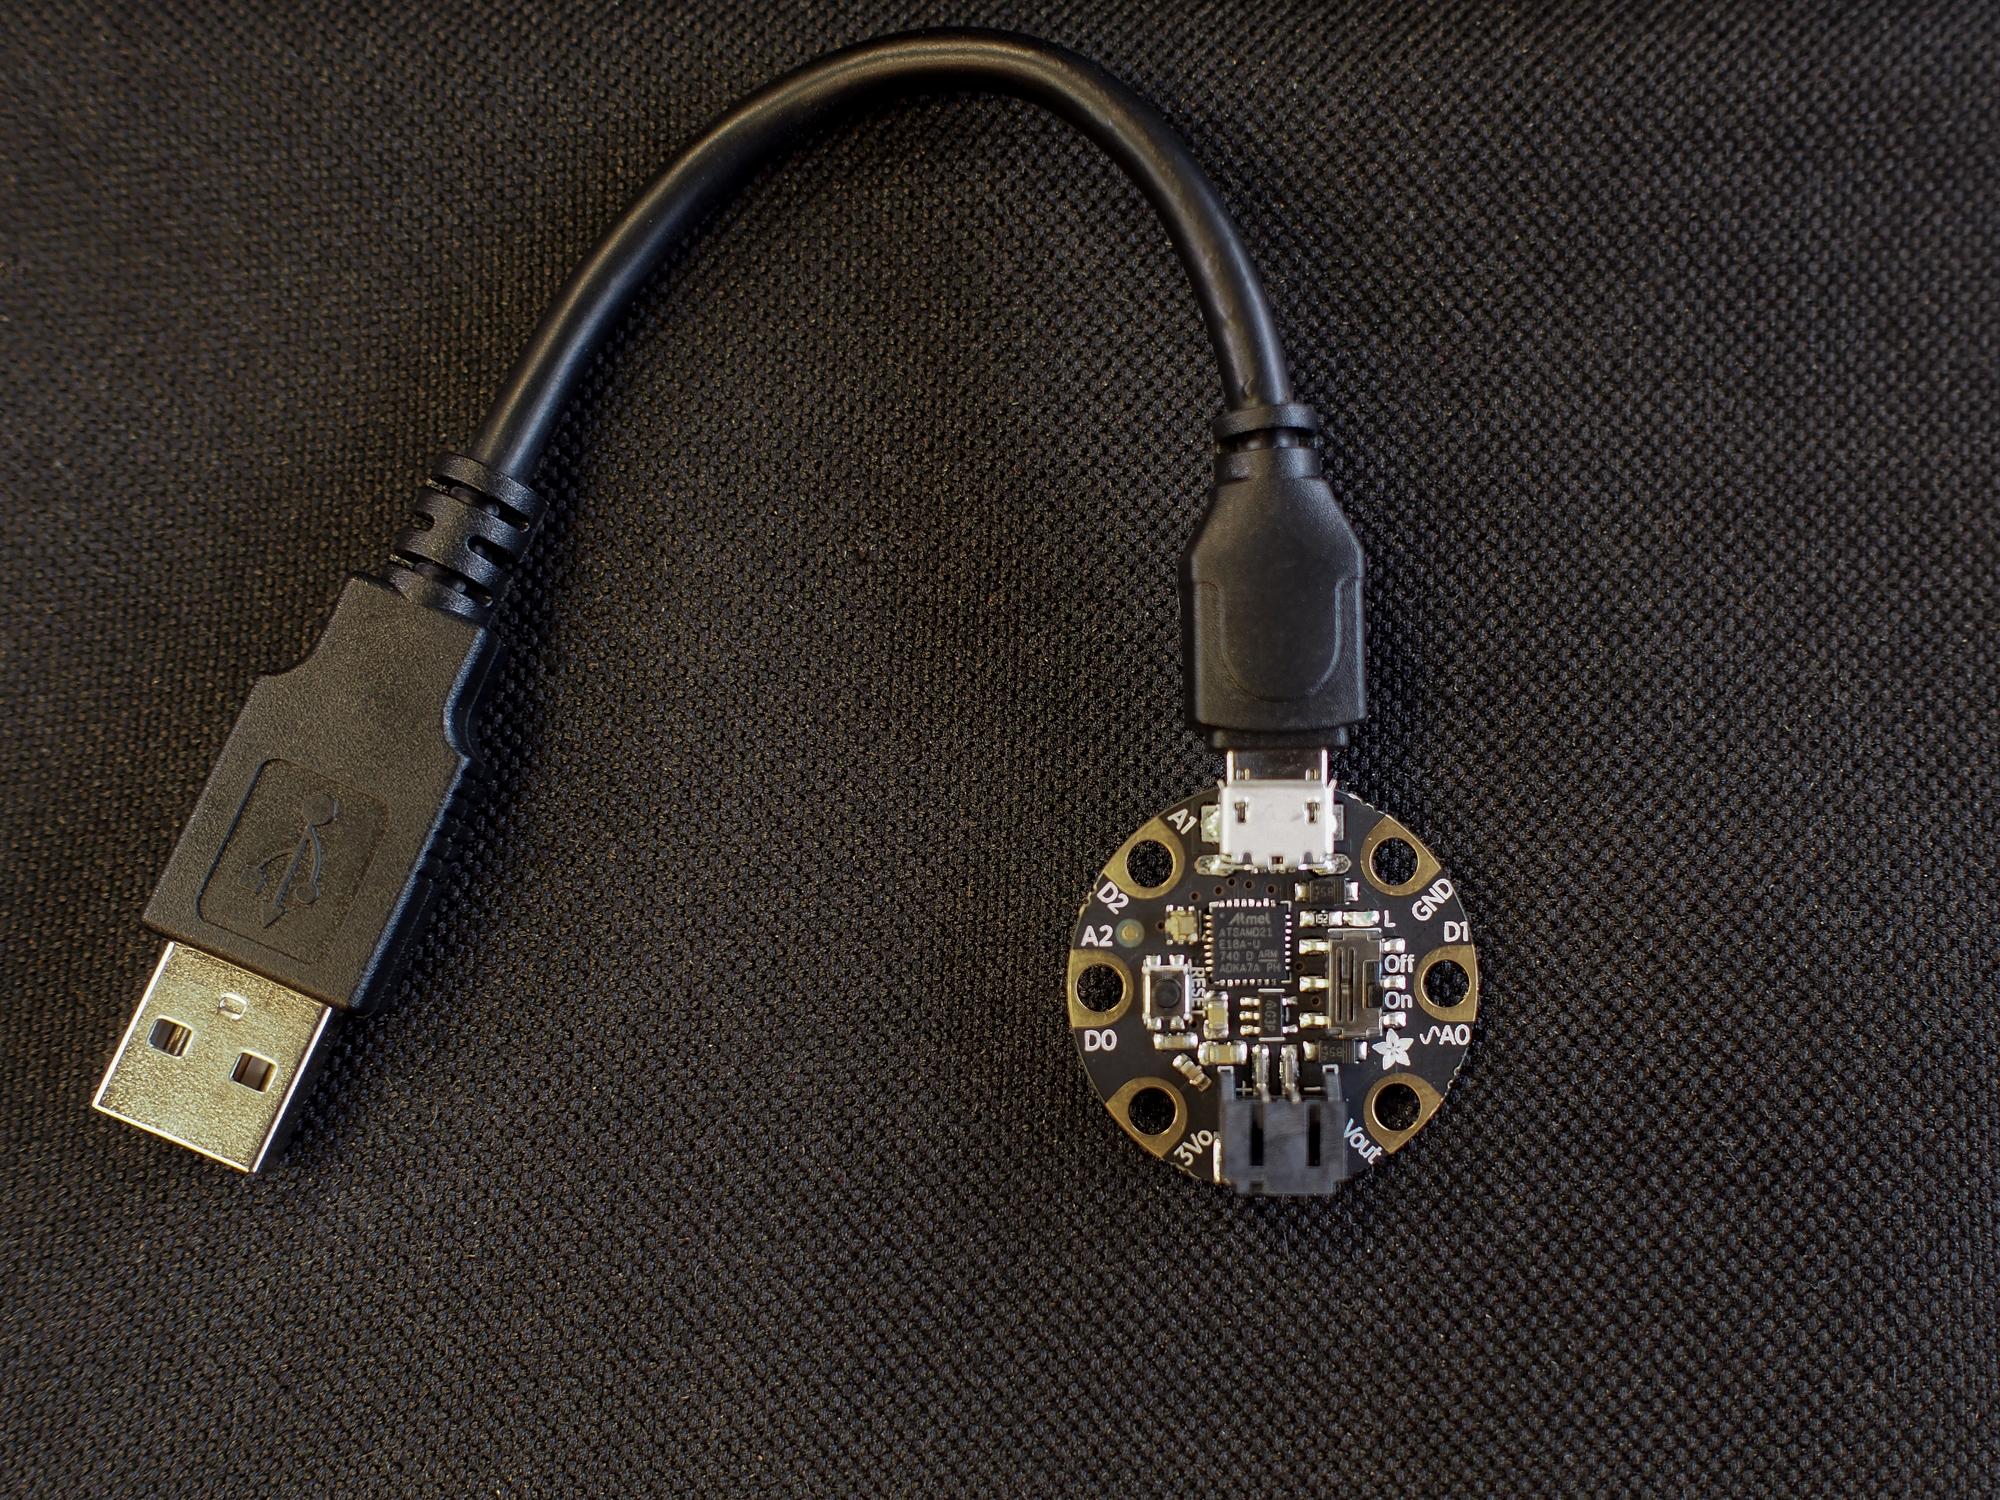 hacks_P3100007_2k.jpg